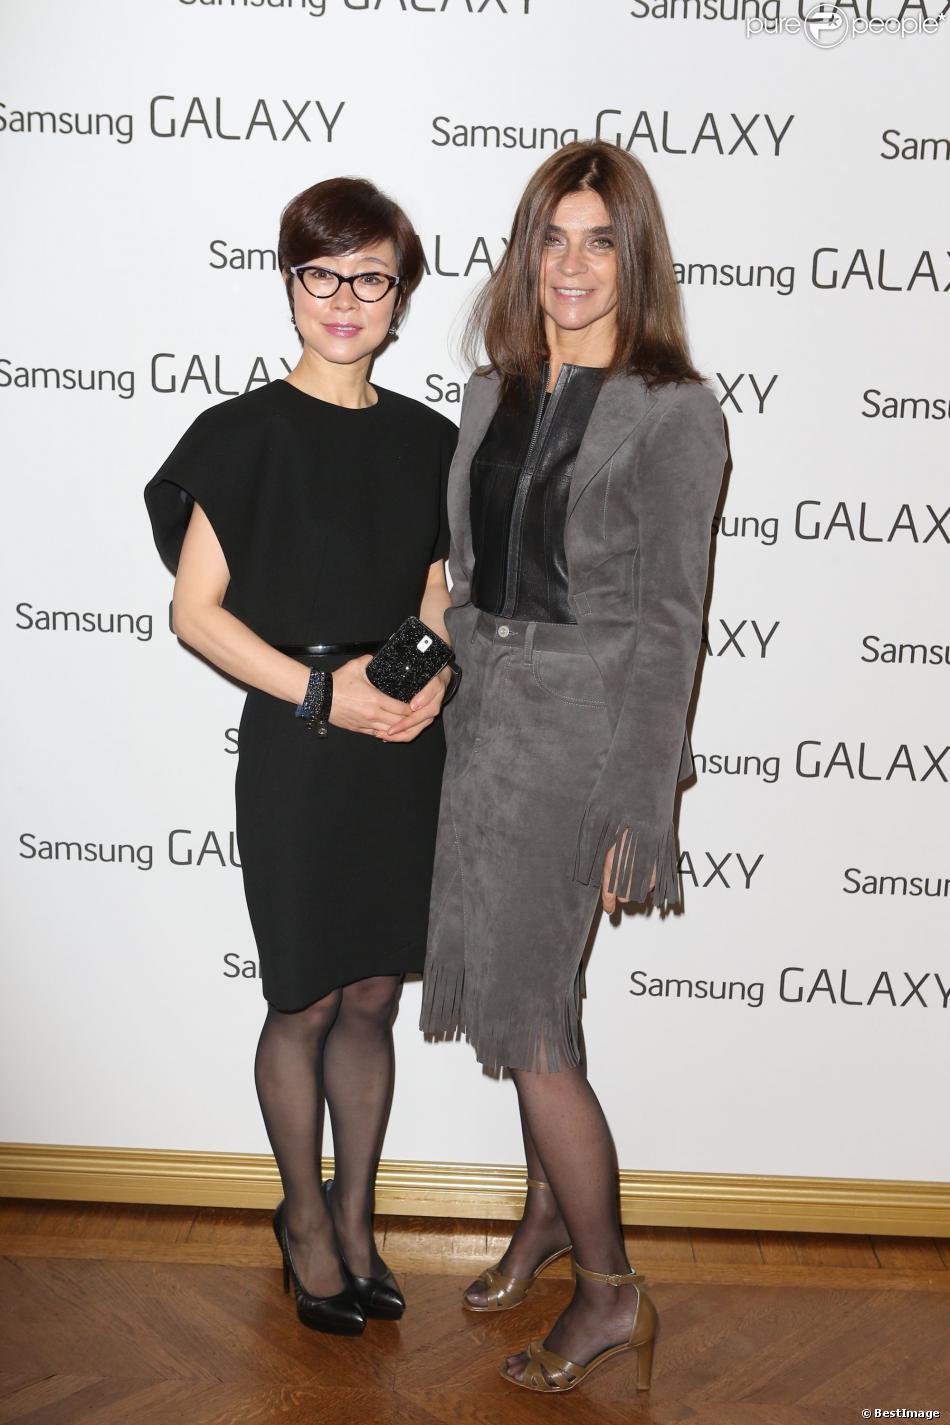 Exclusif - Carine Roitfeld et Lee Young Hee, Vice présidente éxécutive de Samsung, au déjeuner Samsung X Carine Roitfeld, (déjeuner avec comme thème technologie et monde de la mode), à Paris le 1 mars 2014 -